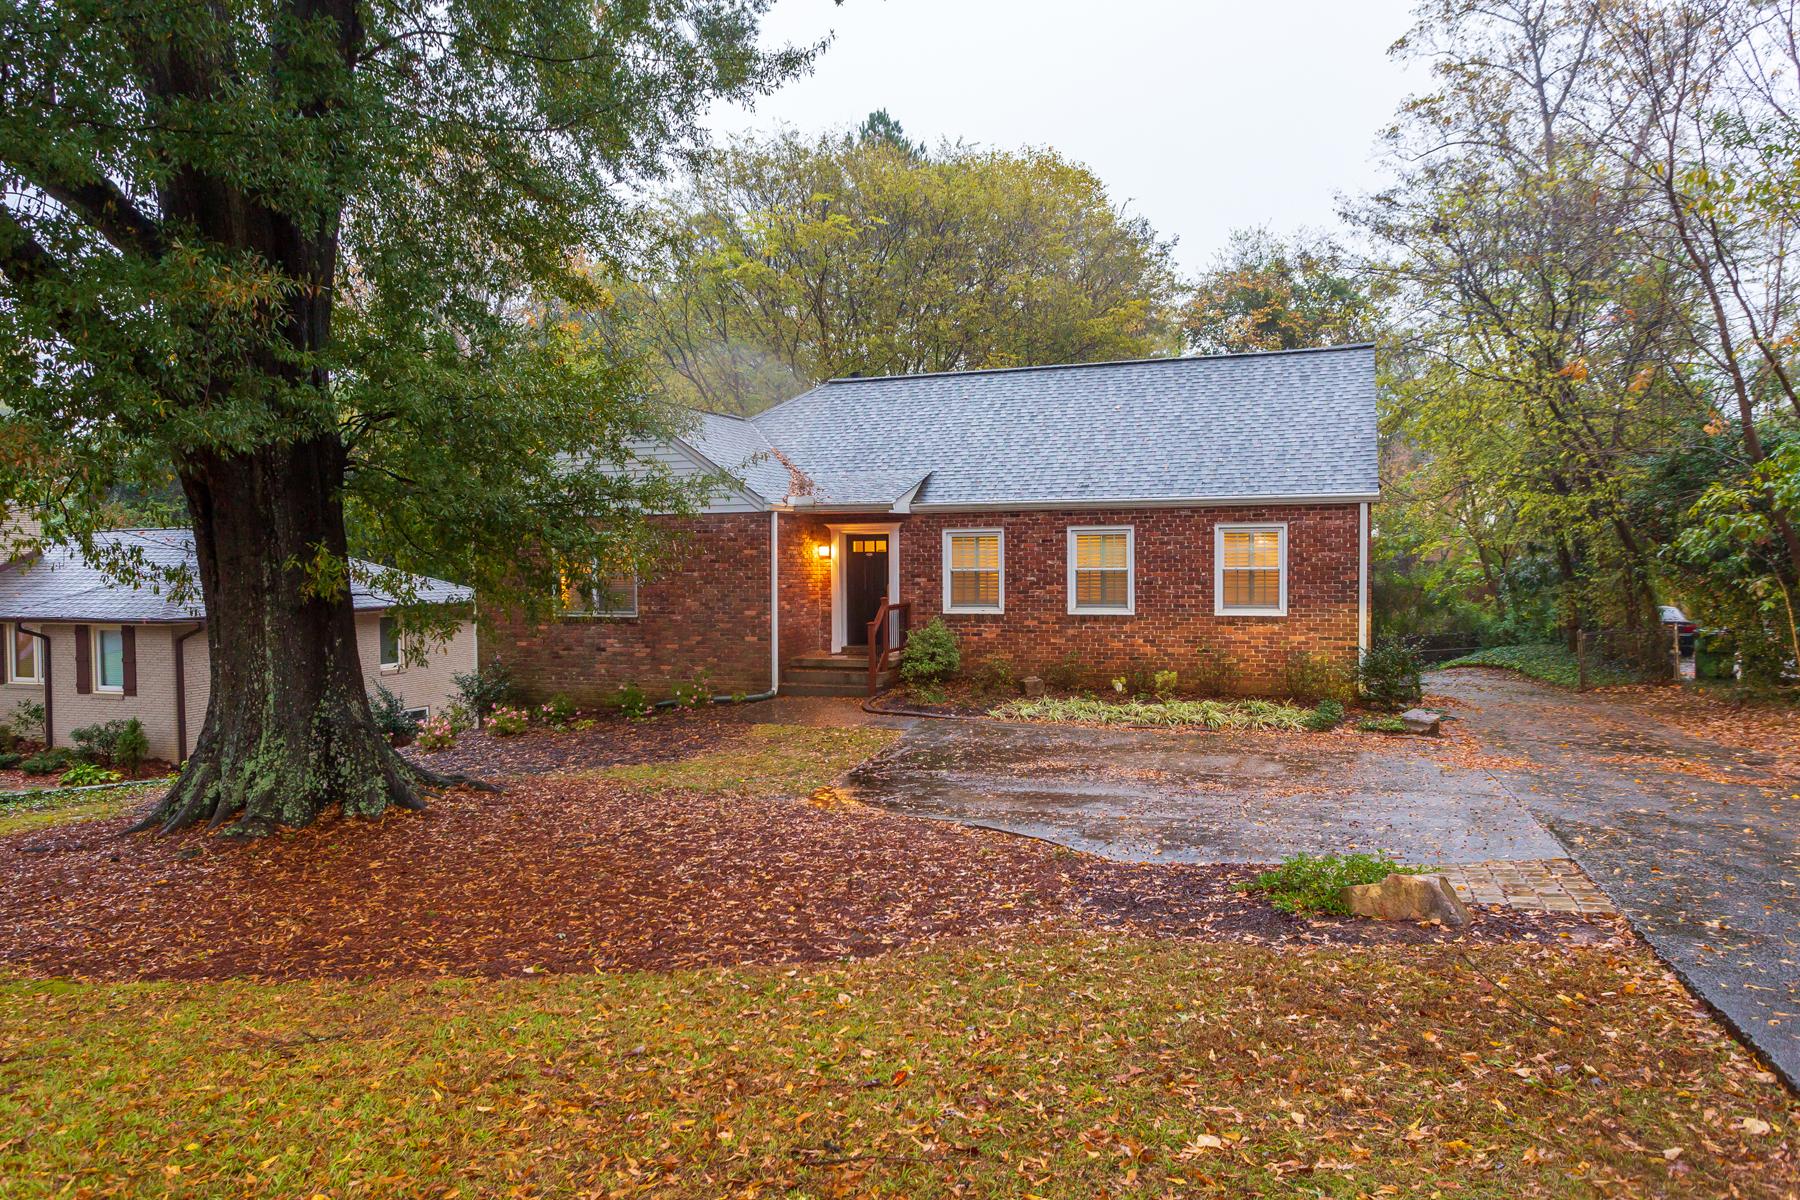 Μονοκατοικία για την Πώληση στο Lavista Park Cottage 2453 Elizabeth Ann Lane NE Atlanta, Γεωργια 30324 Ηνωμενεσ Πολιτειεσ